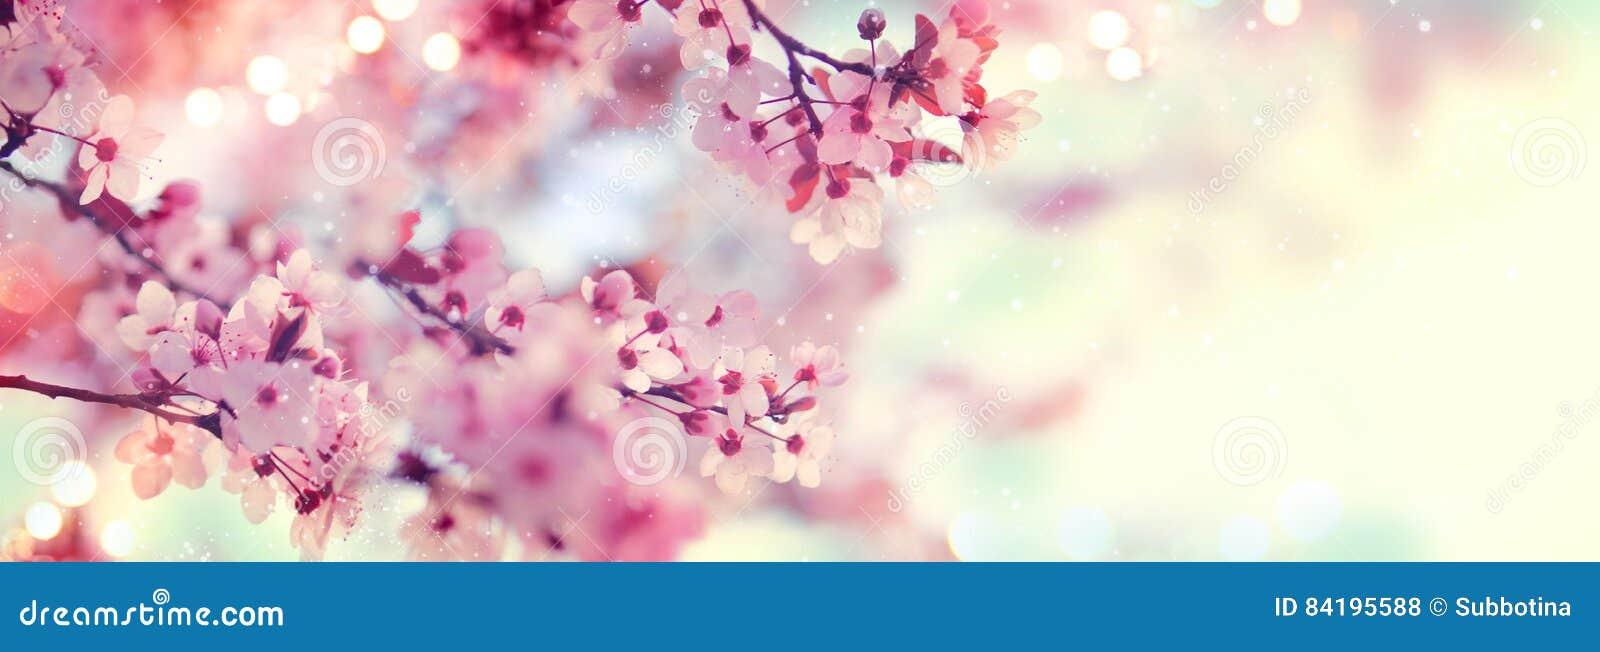 Arte da beira ou do fundo da mola com flor cor-de-rosa